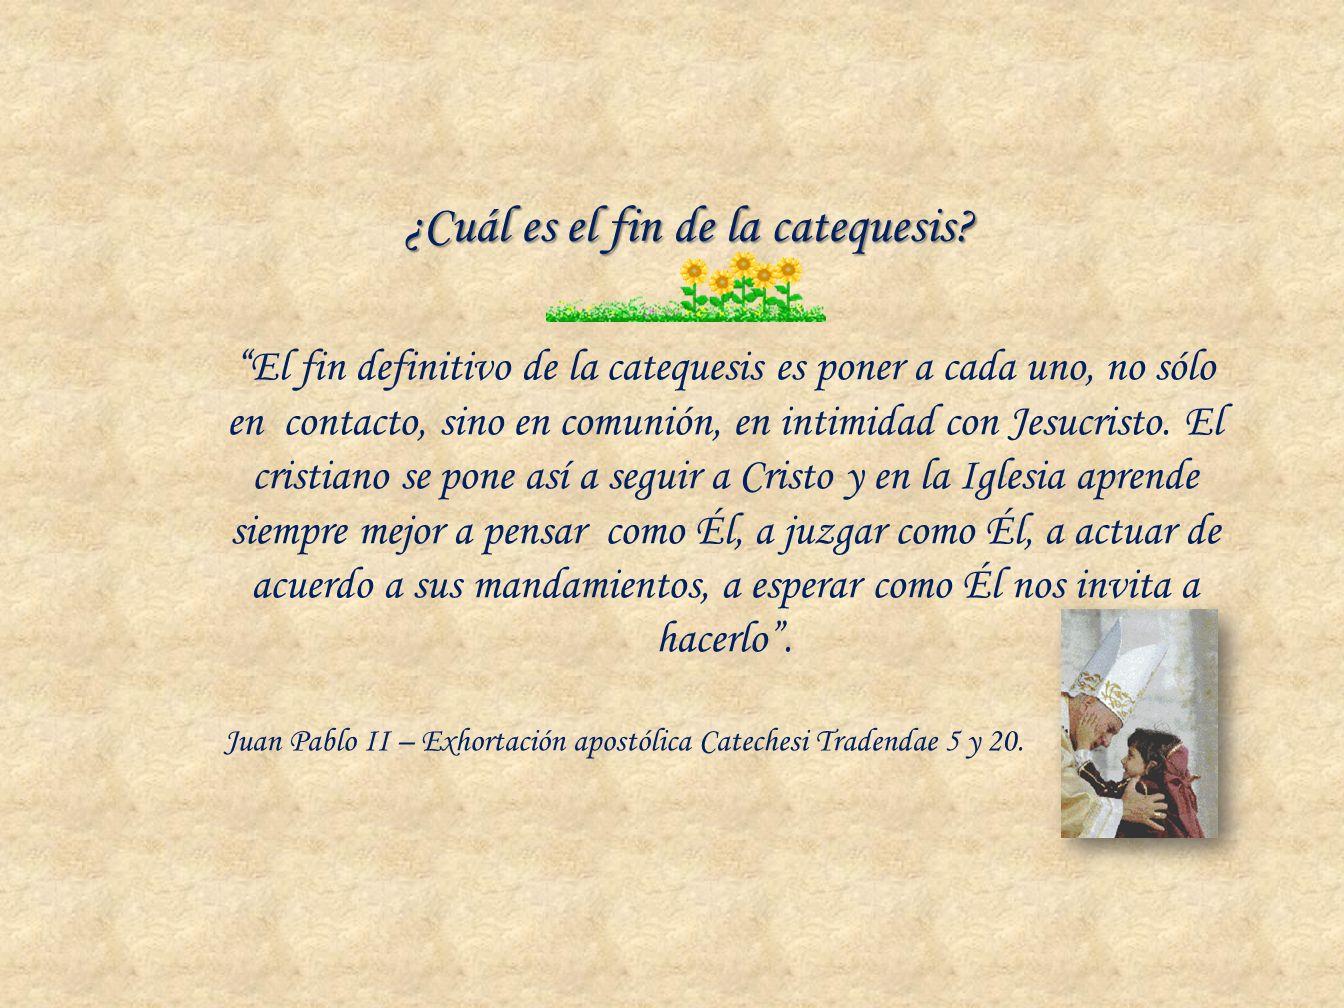 El fin definitivo de la catequesis es poner a cada uno, no sólo en contacto, sino en comunión, en intimidad con Jesucristo. El cristiano se pone así a